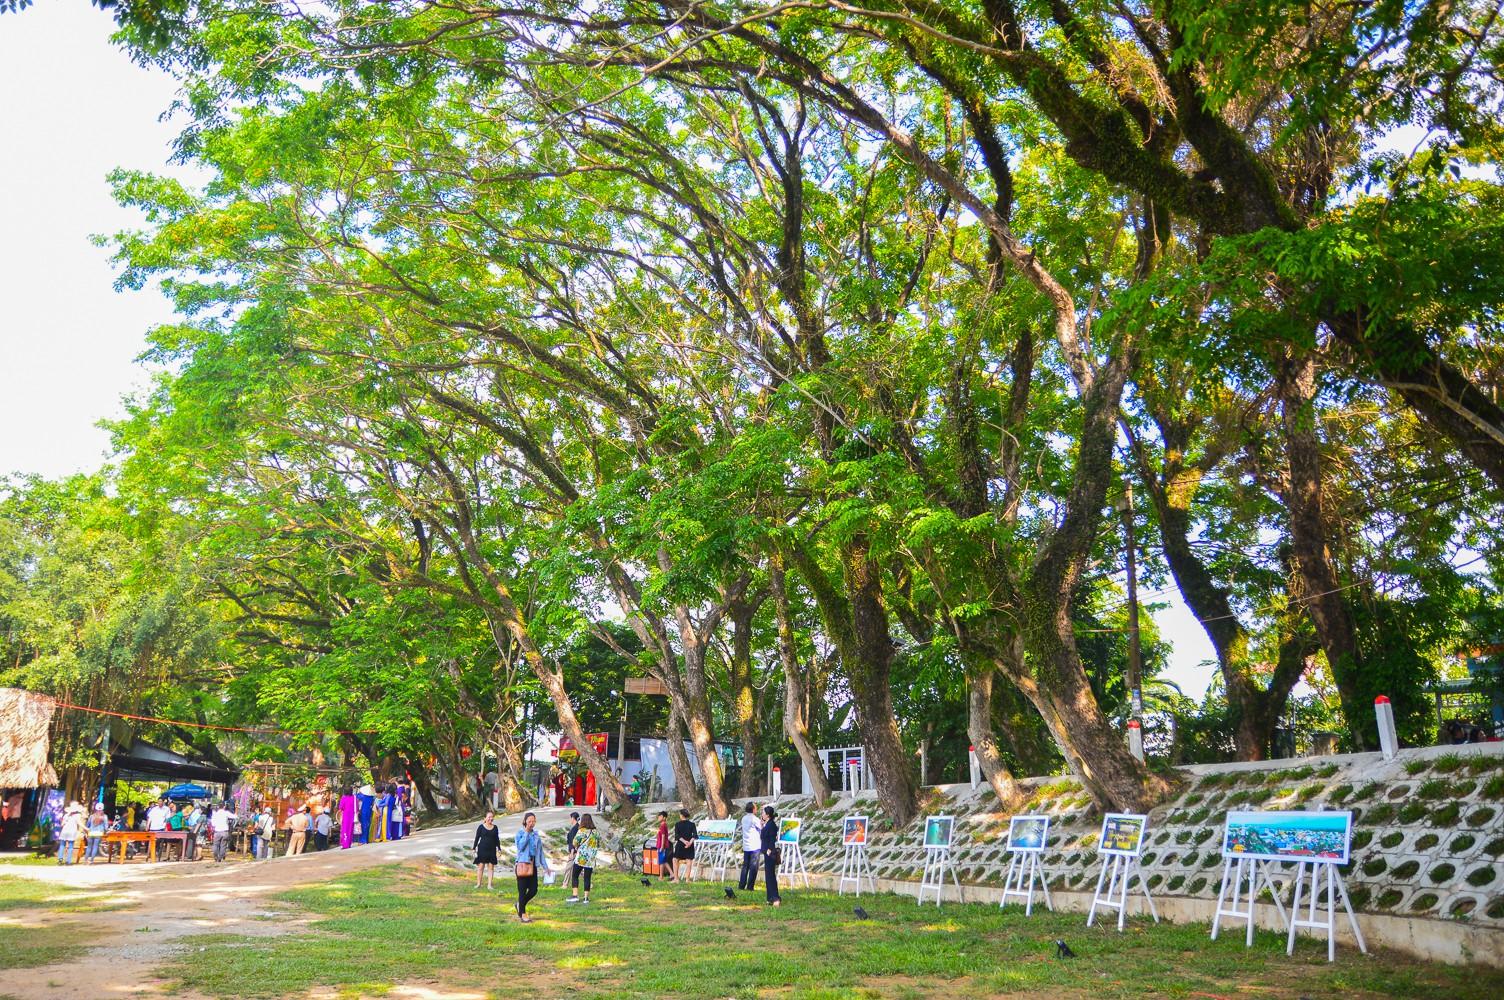 Mùa hoa sưa vàng trời Quảng Nam khiến bao người thổn thức - Ảnh 2.